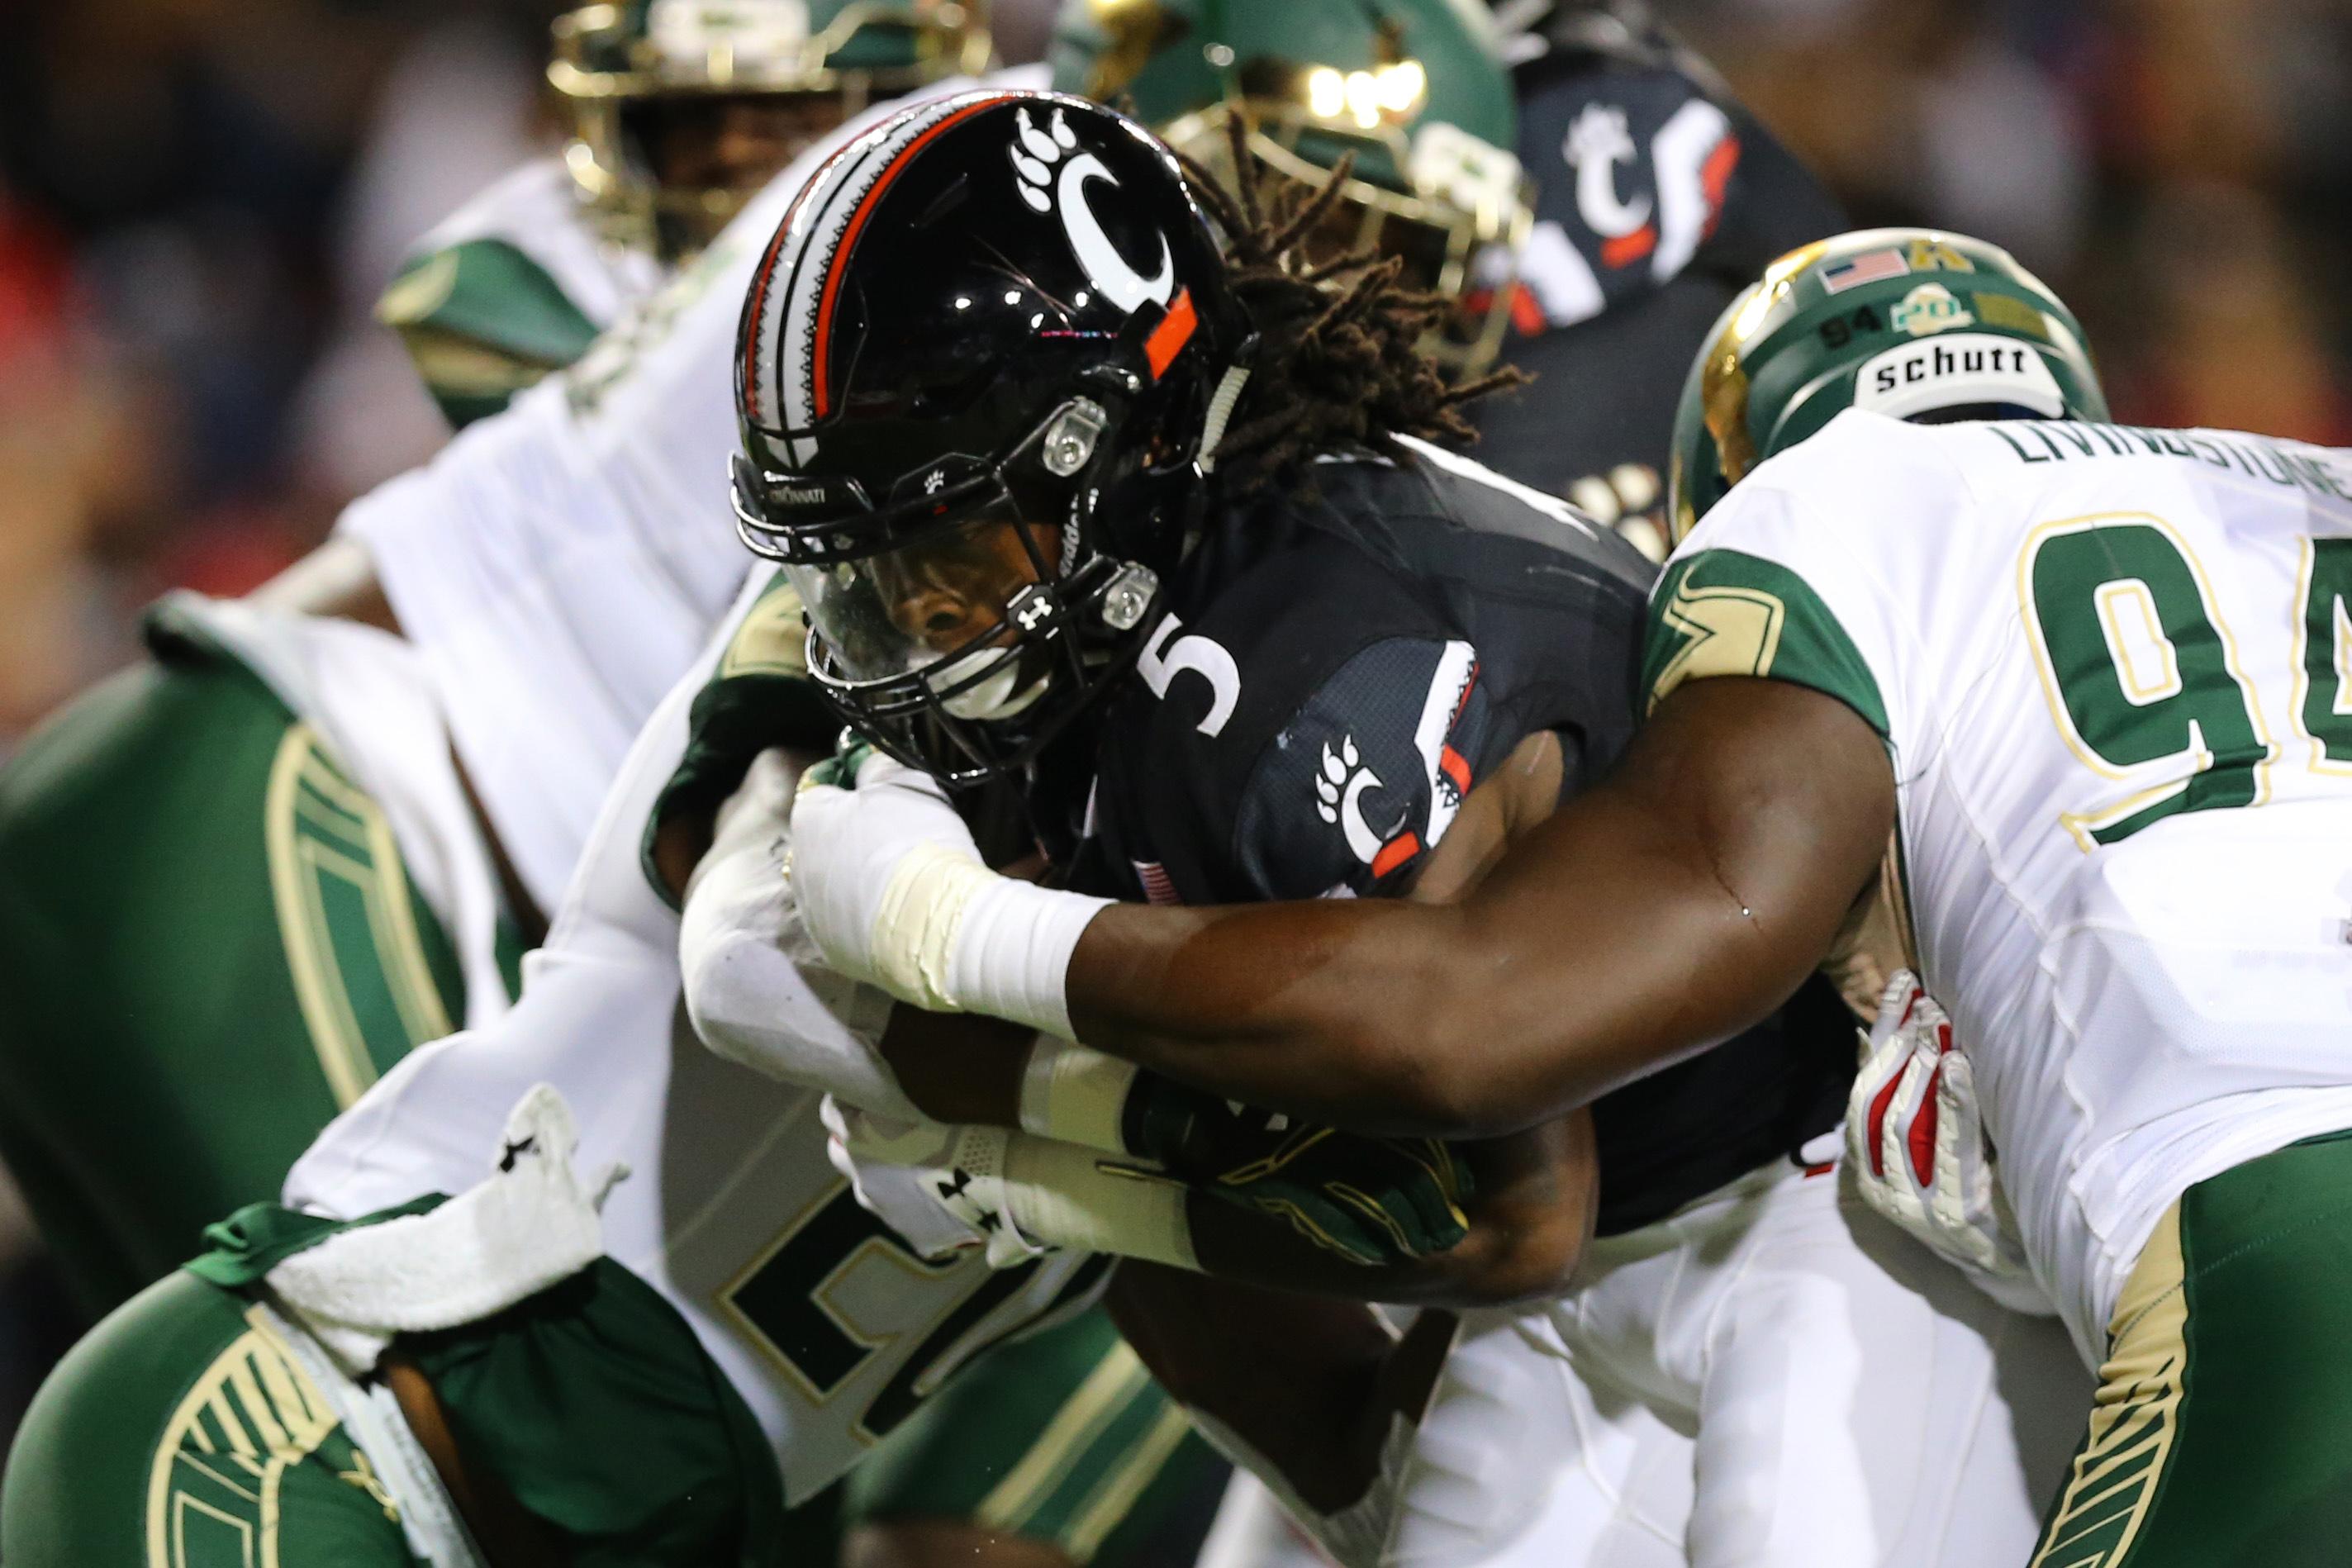 BYU takes down Cincinnati in lopsided victory